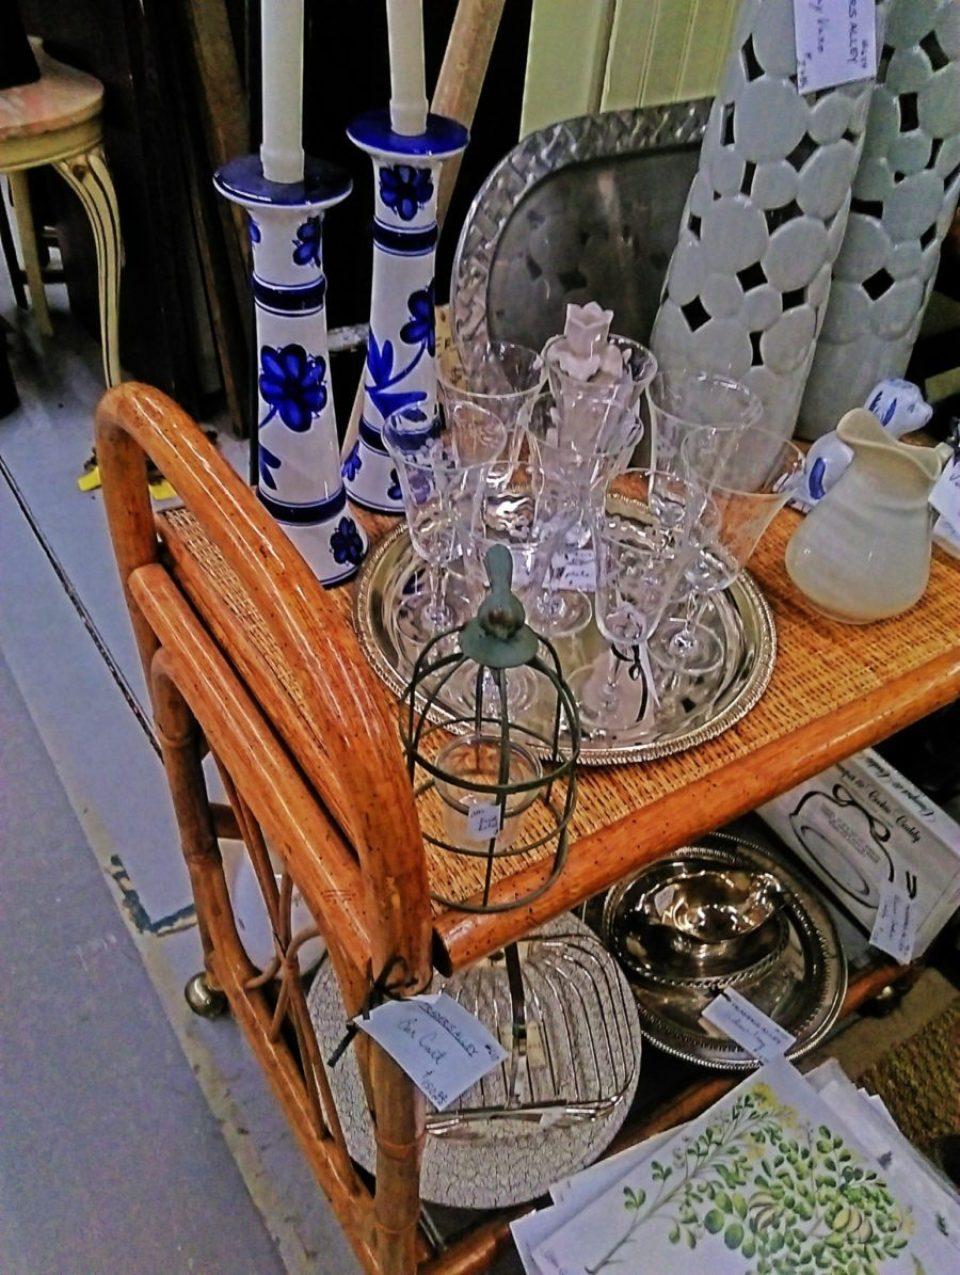 C360_2015-09-02-12-25-40-976-960x1275 Antique Shopping in Mt. Pleasant, SC